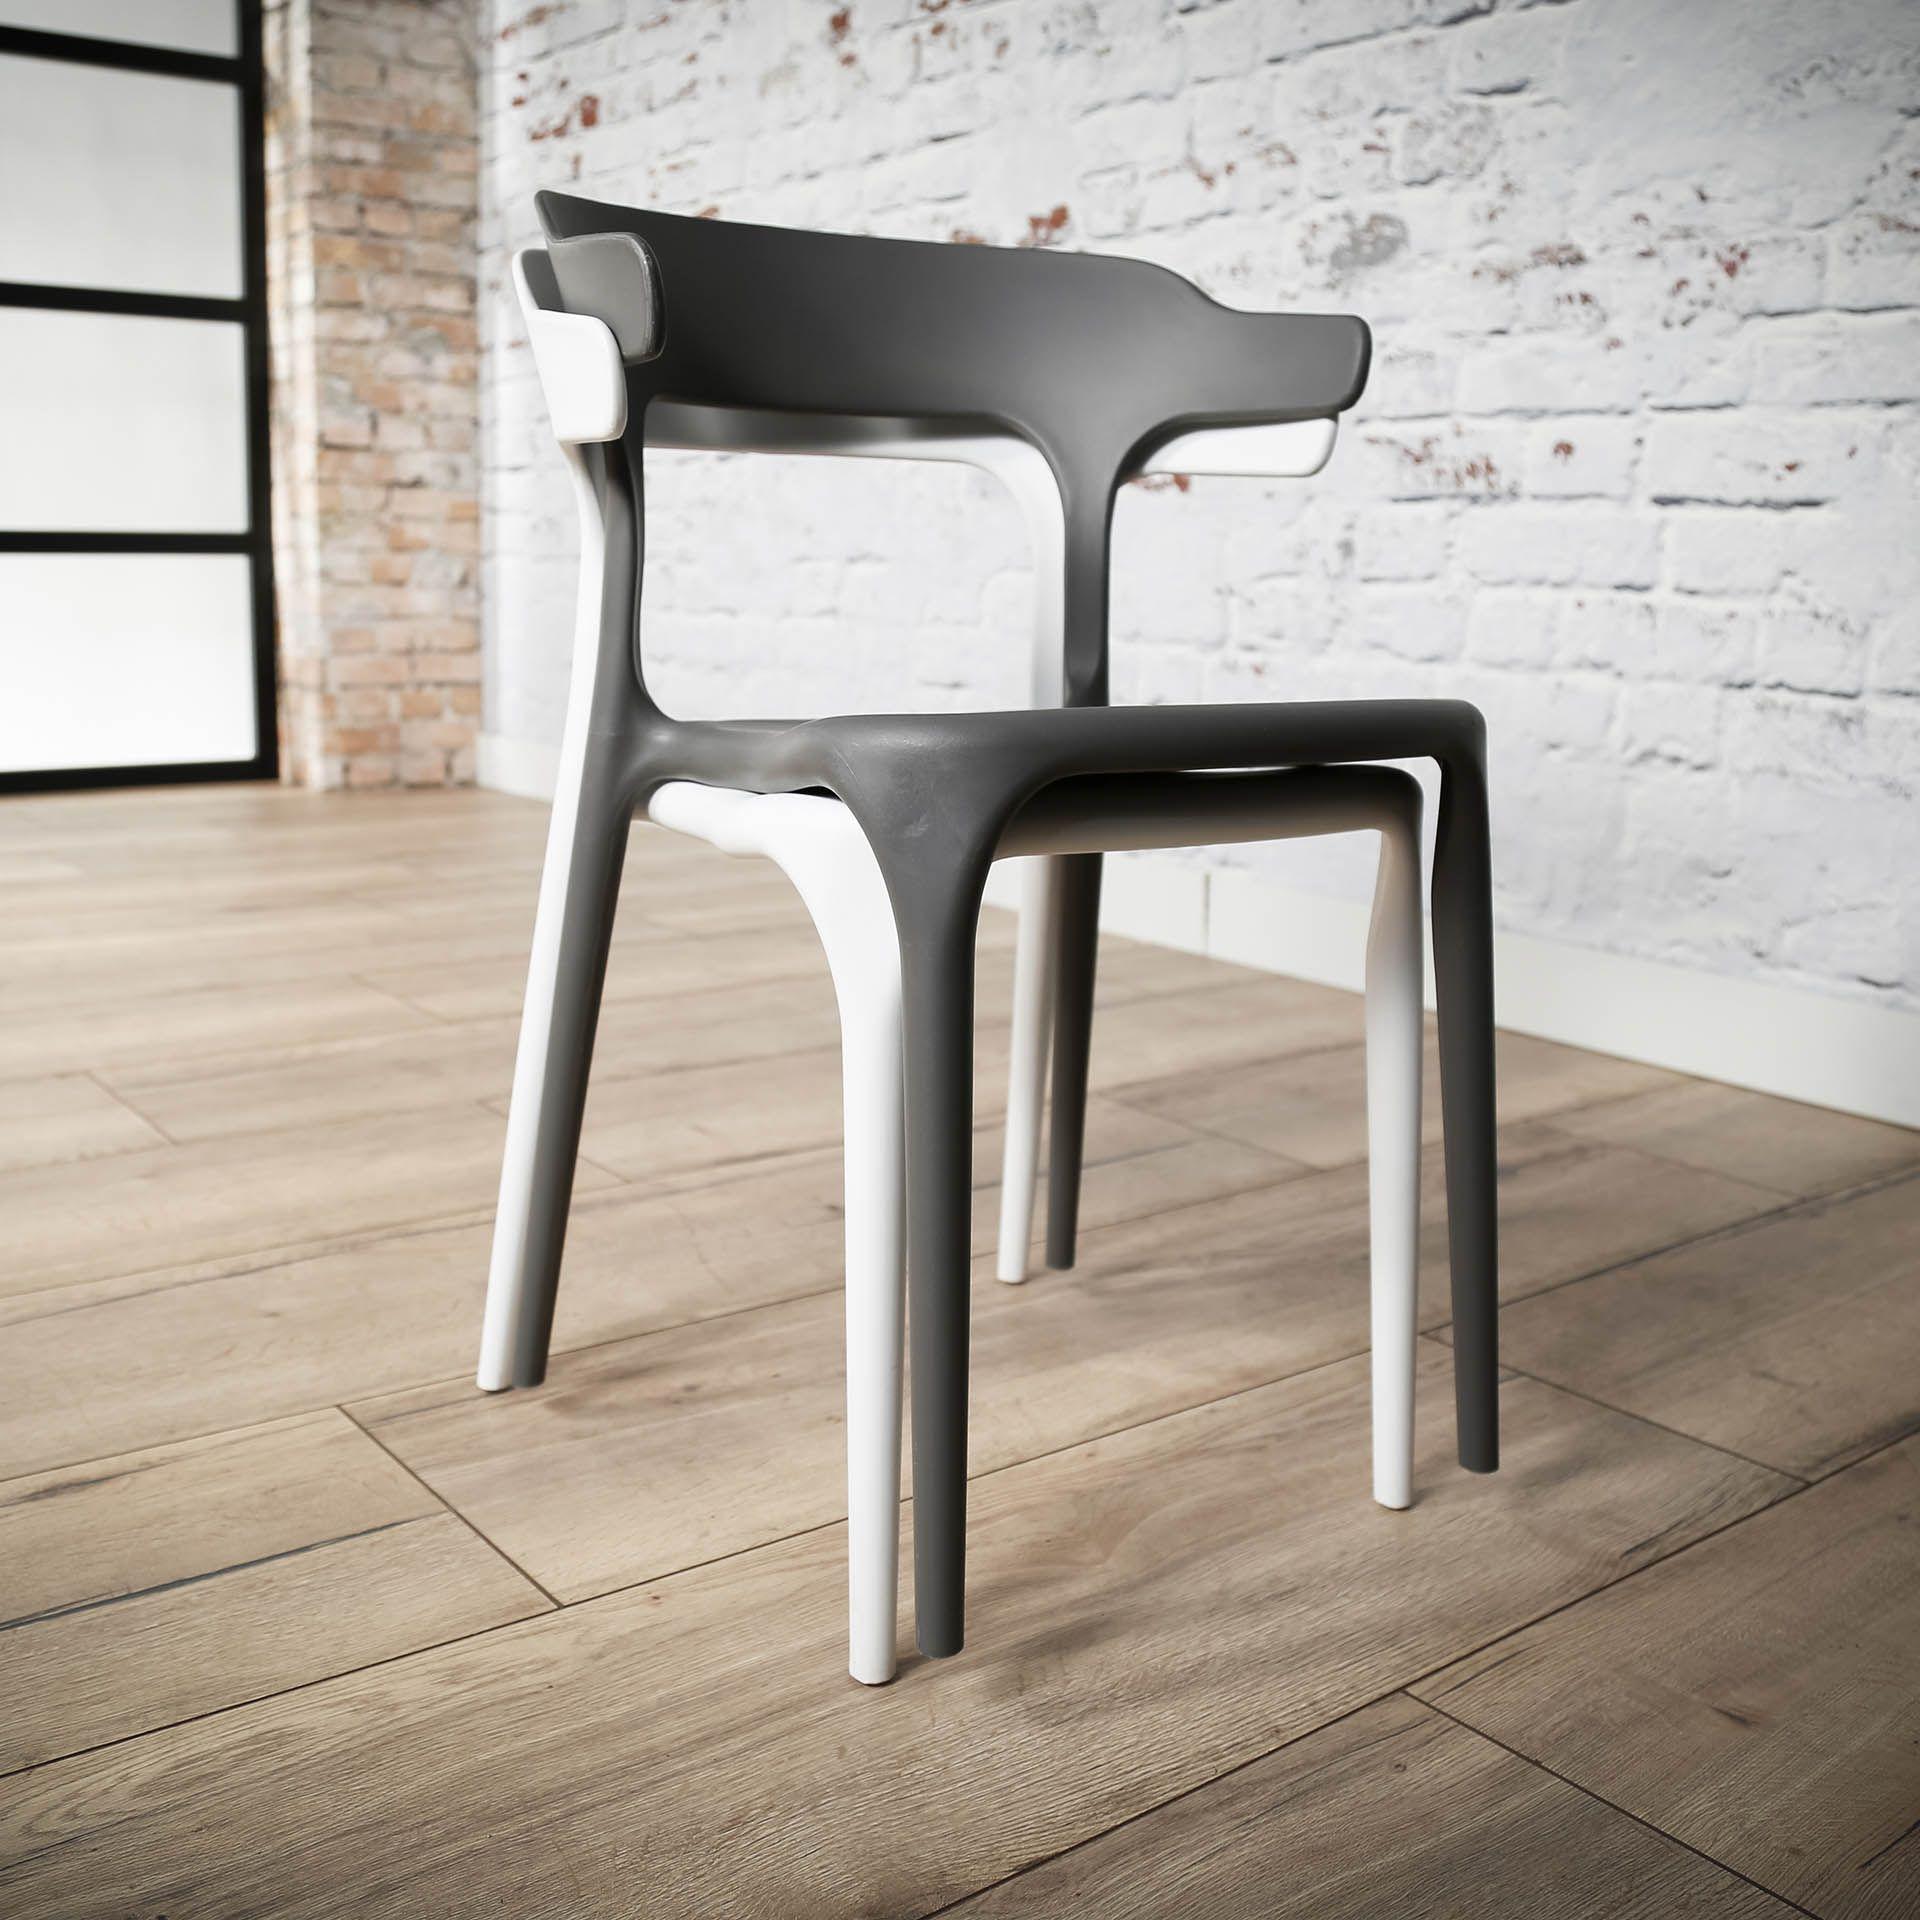 4x | Curved Stuhl Grau